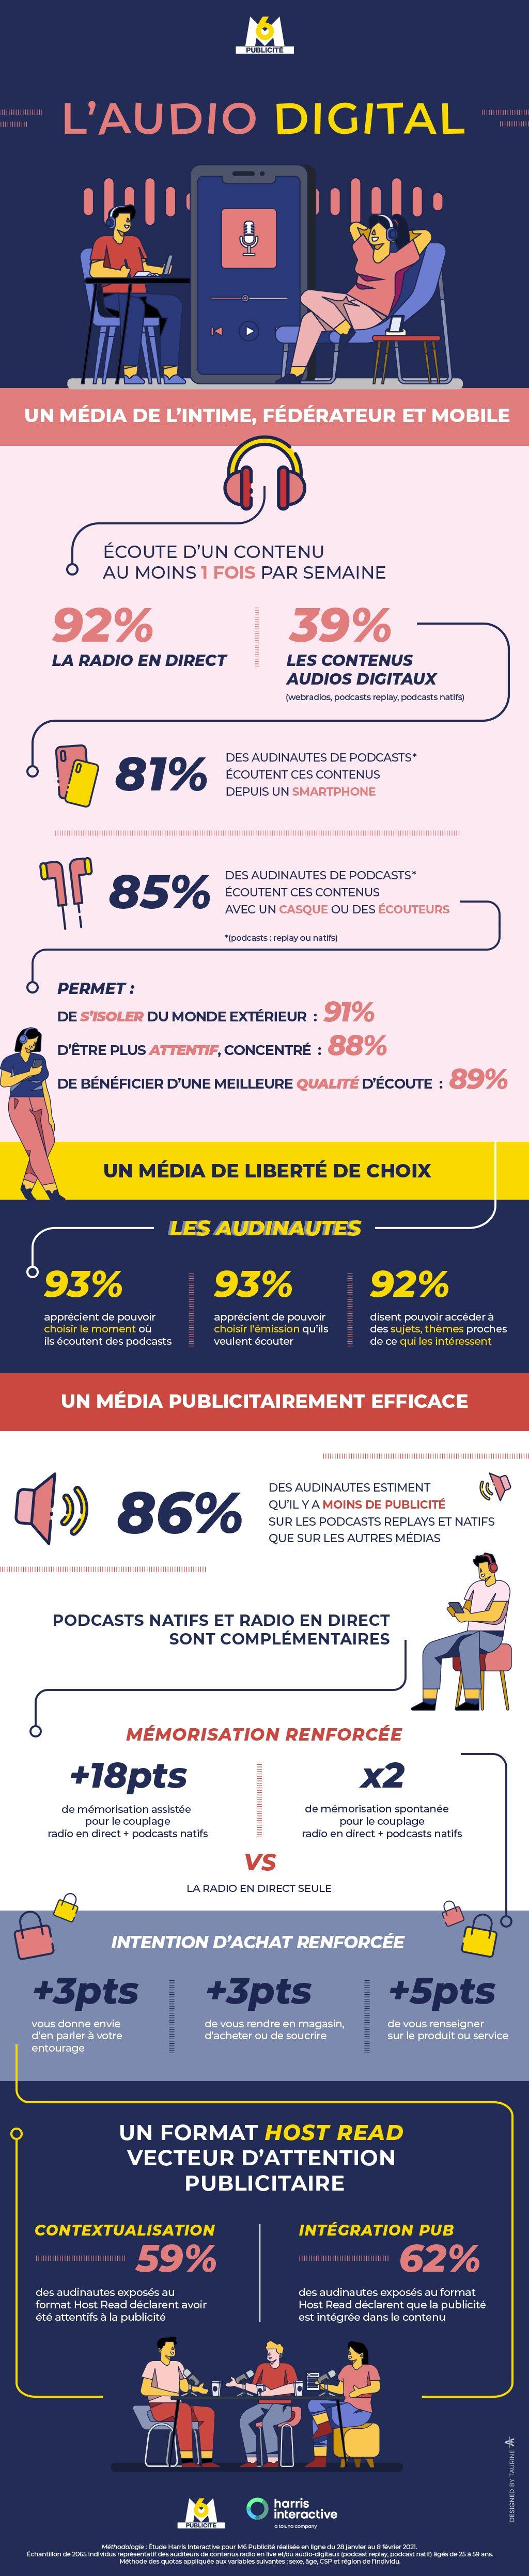 """L'audio digital, """"média de la liberté de choix"""""""